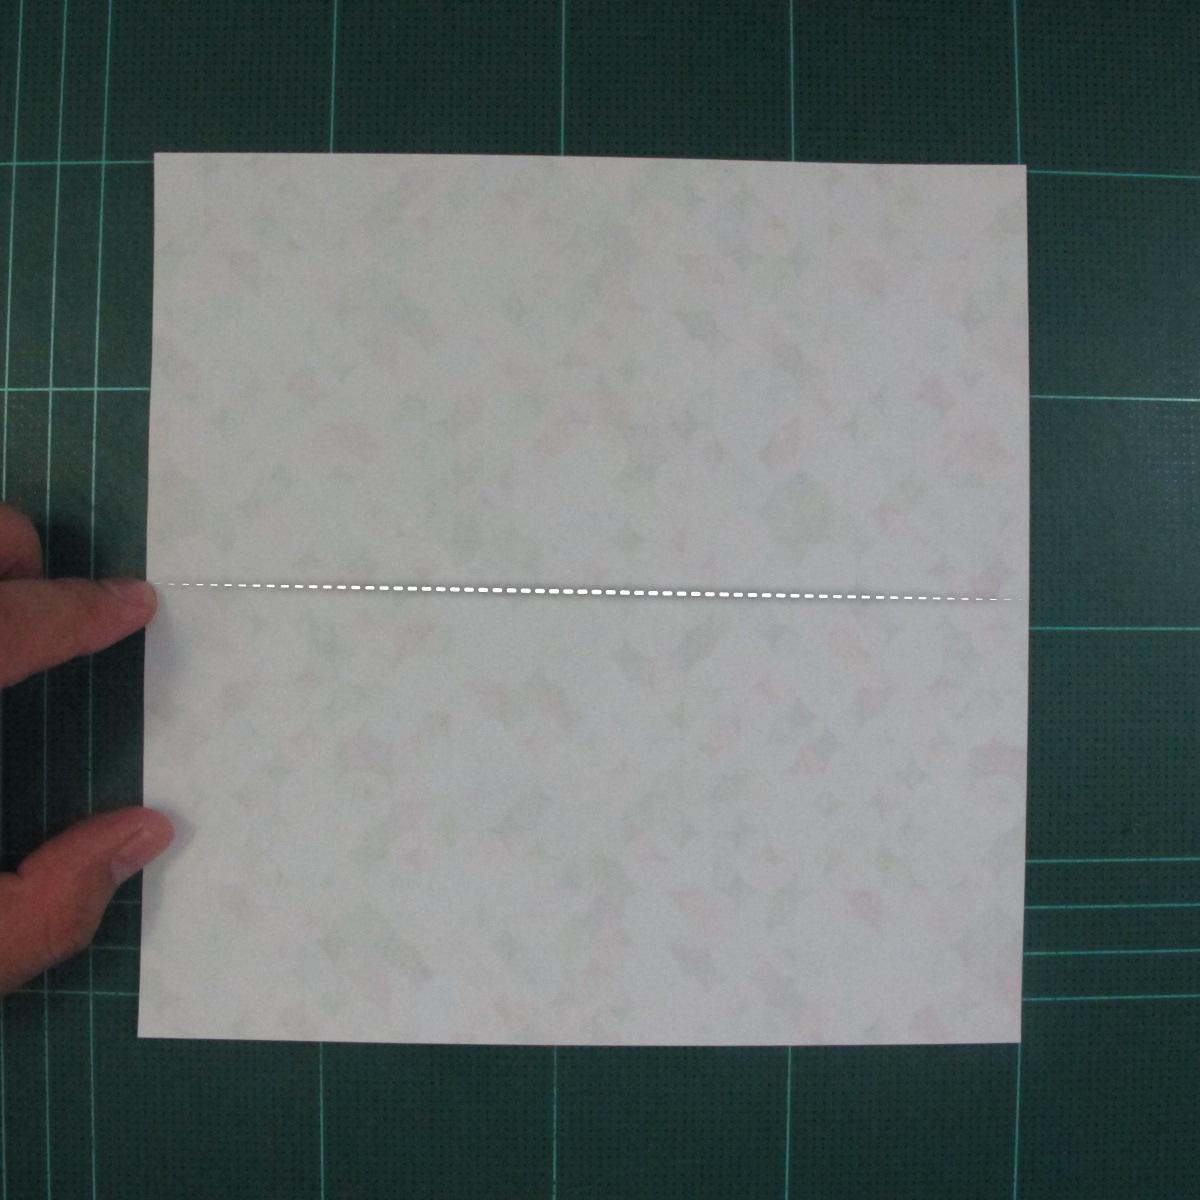 วิธีพับกล่องของขวัญแบบมีฝาปิด (Origami Present Box With Lid) 002